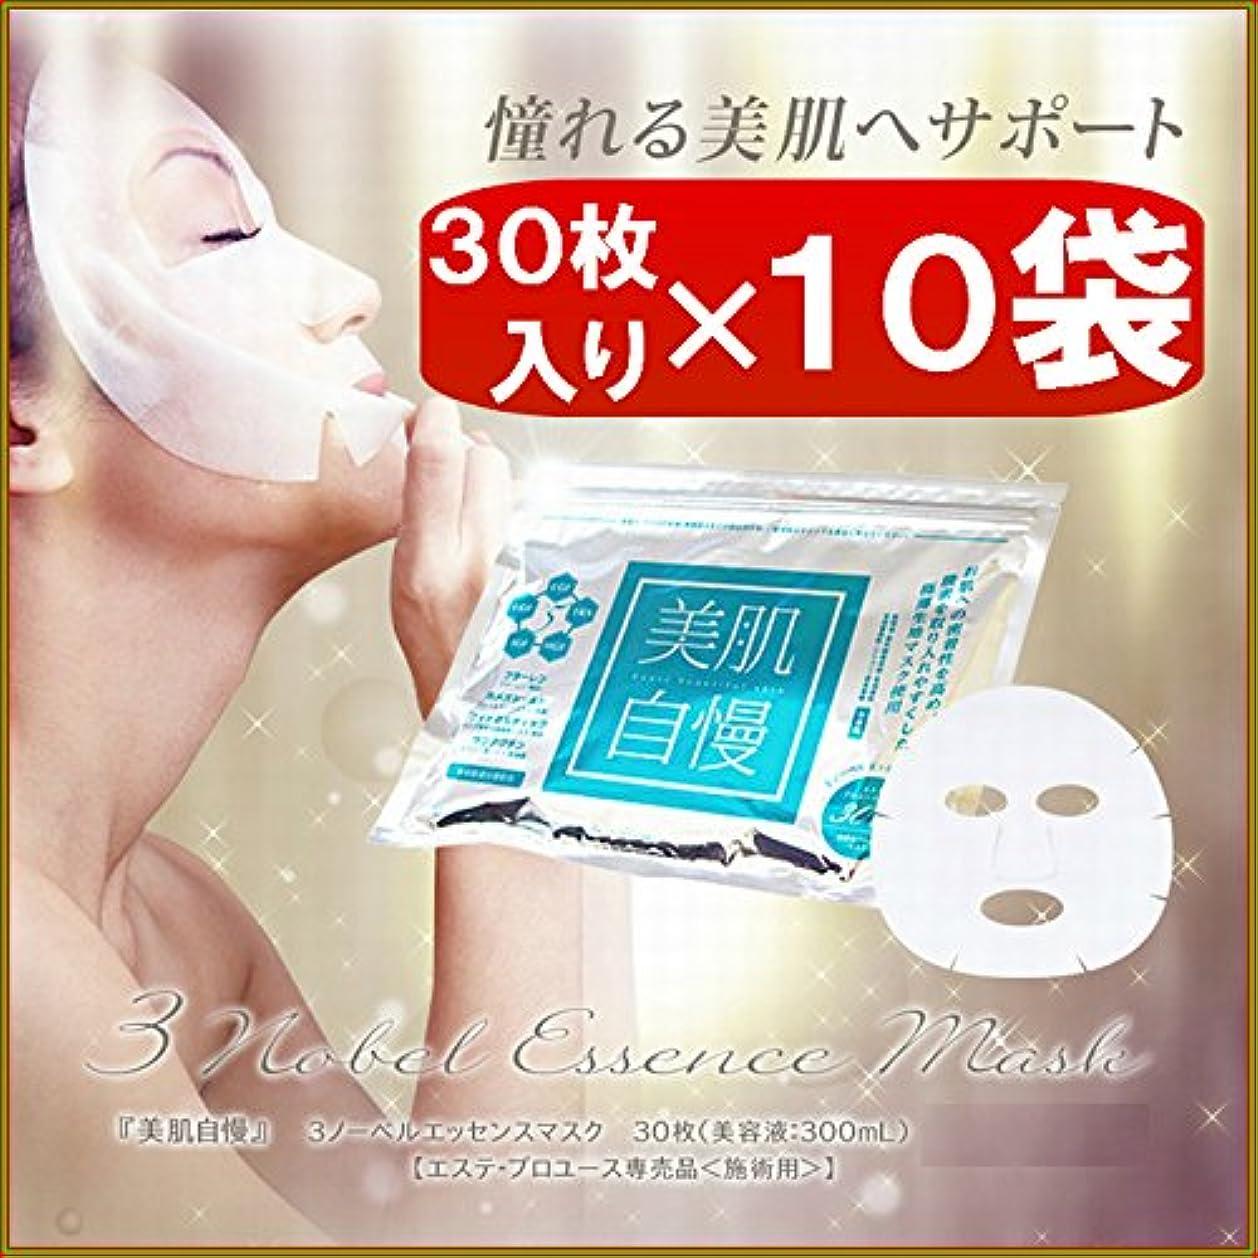 眠り二パーク美肌自慢フェイスマスク 30枚入り ×超お得10袋セット 《エッセンスマスク、EGF、IGF、ヒアルロン酸、プラセンタ、アルブチン、カタツムリエキス、しみ、しわ》